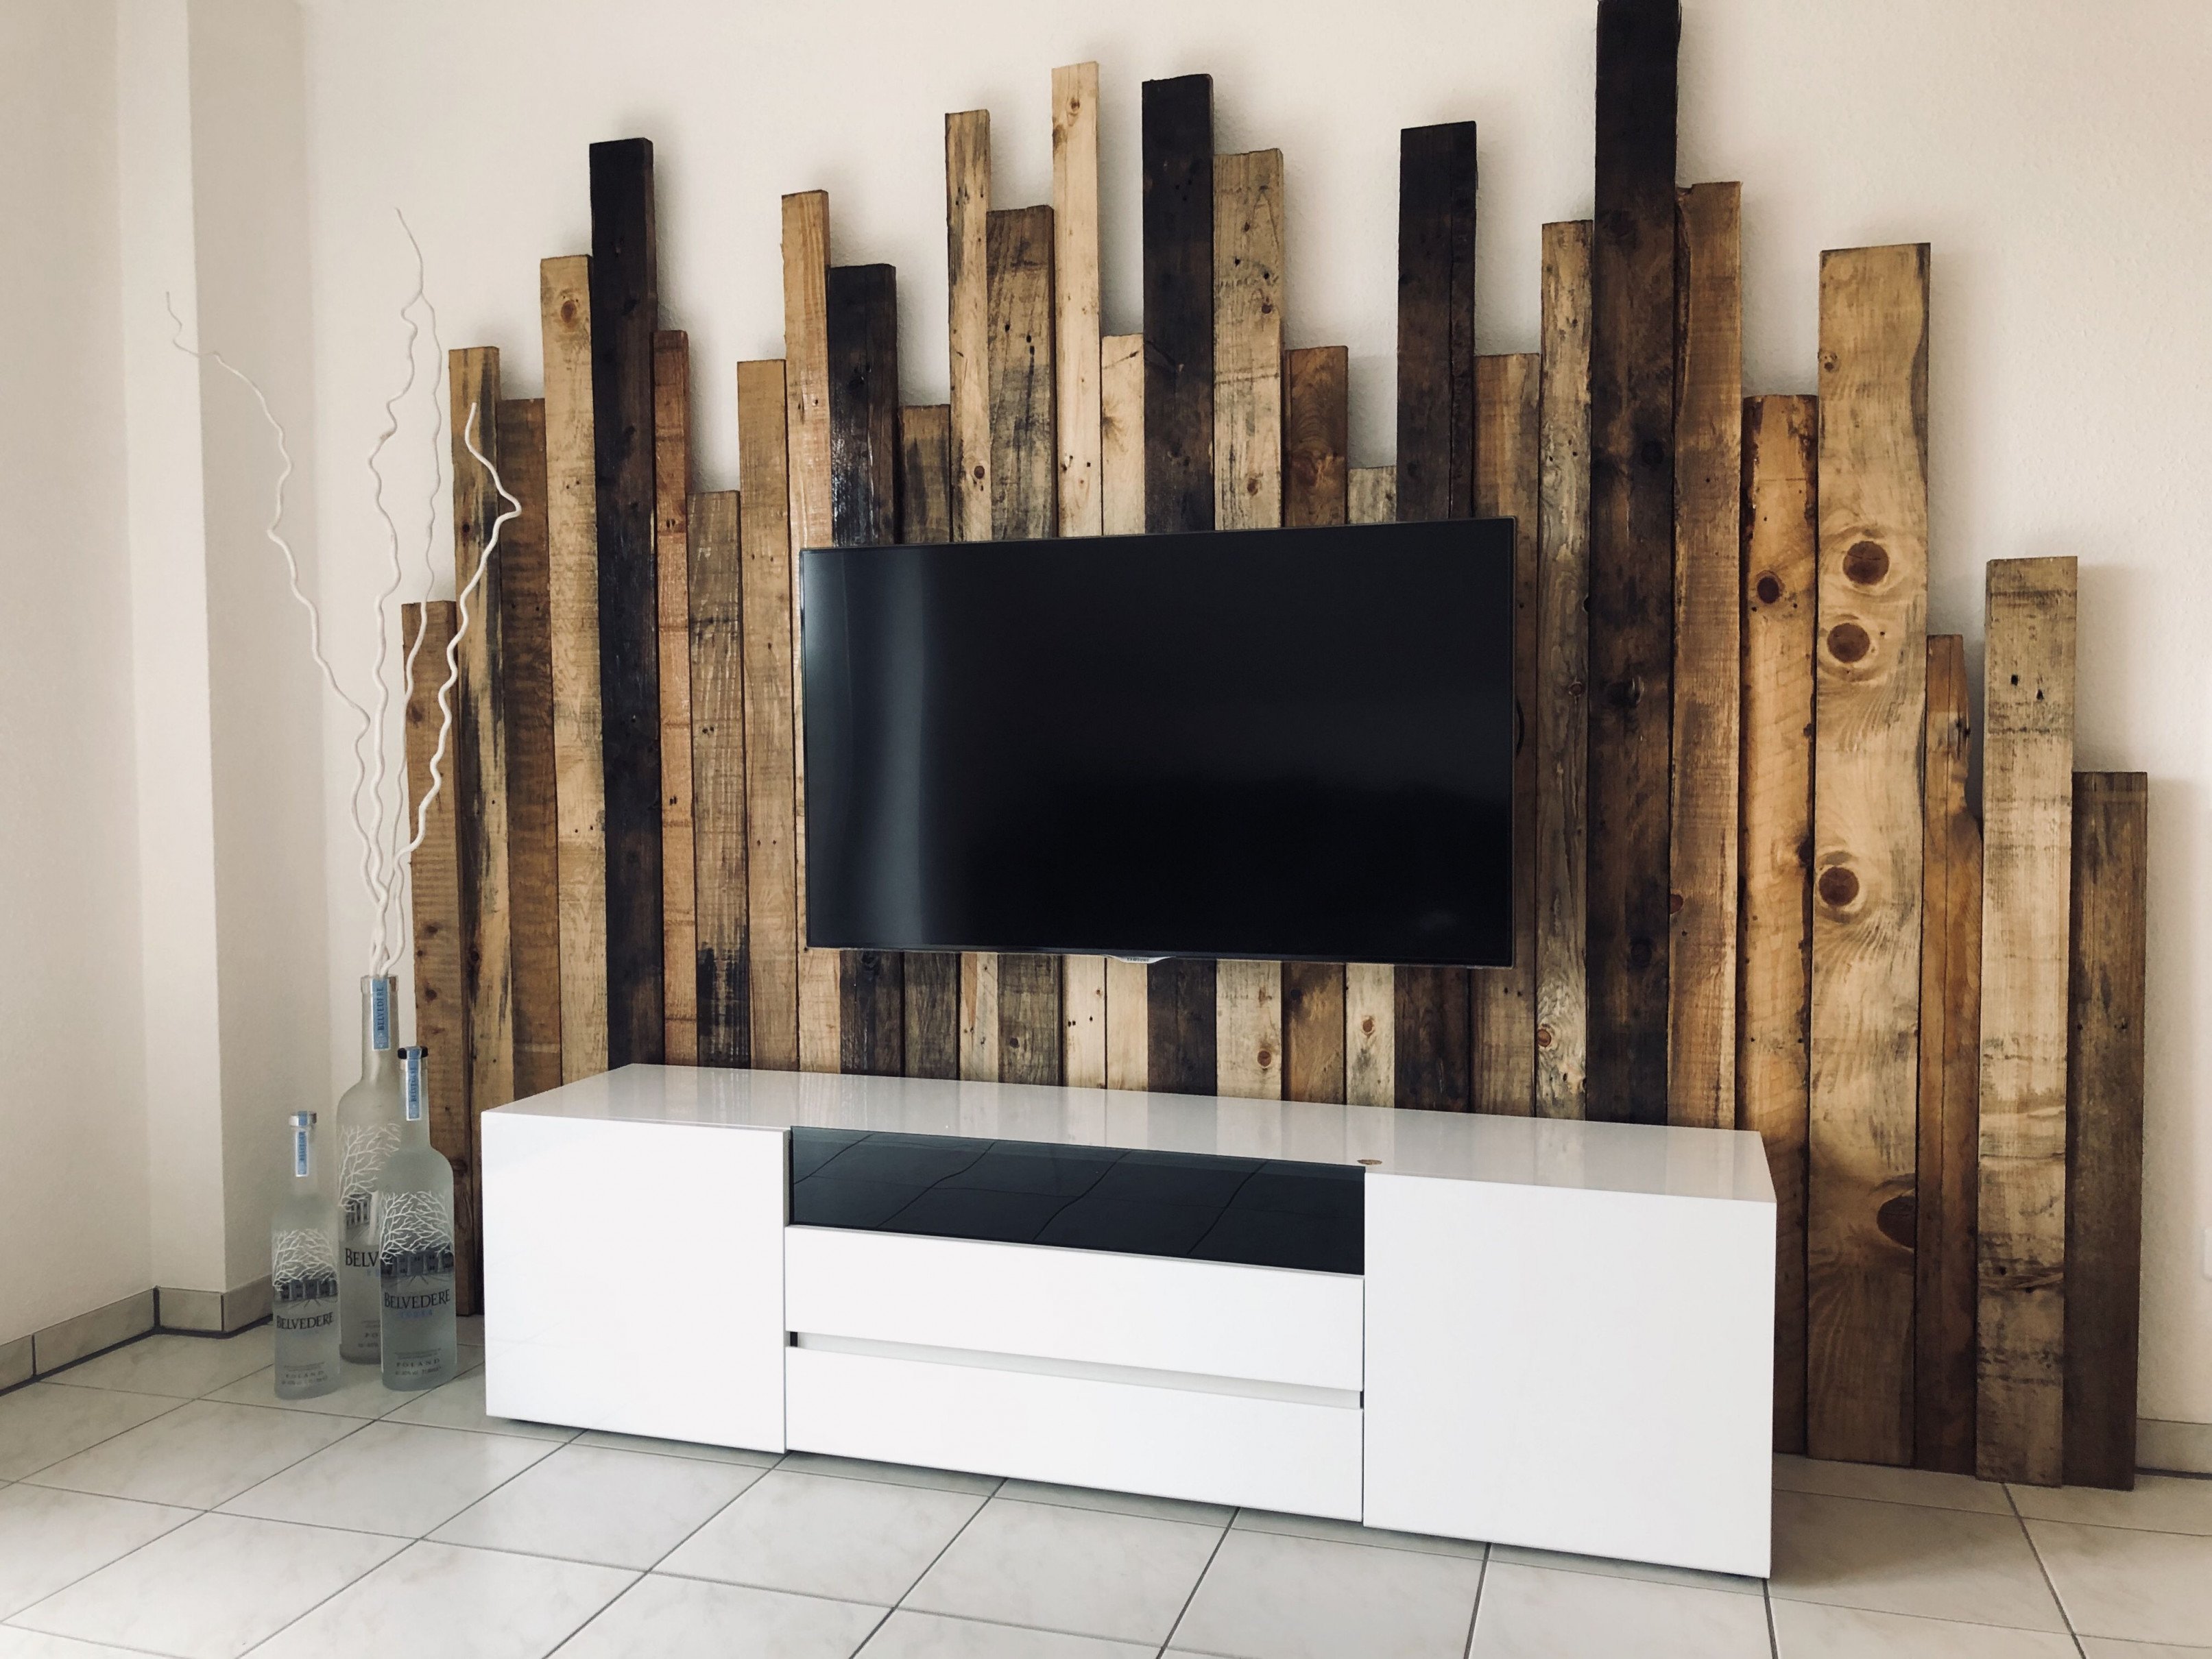 Wohnzimmer  Holzwand Wohnzimmer Wohnung Dekoration von Wohnzimmer Fernsehwand Ideen Bild